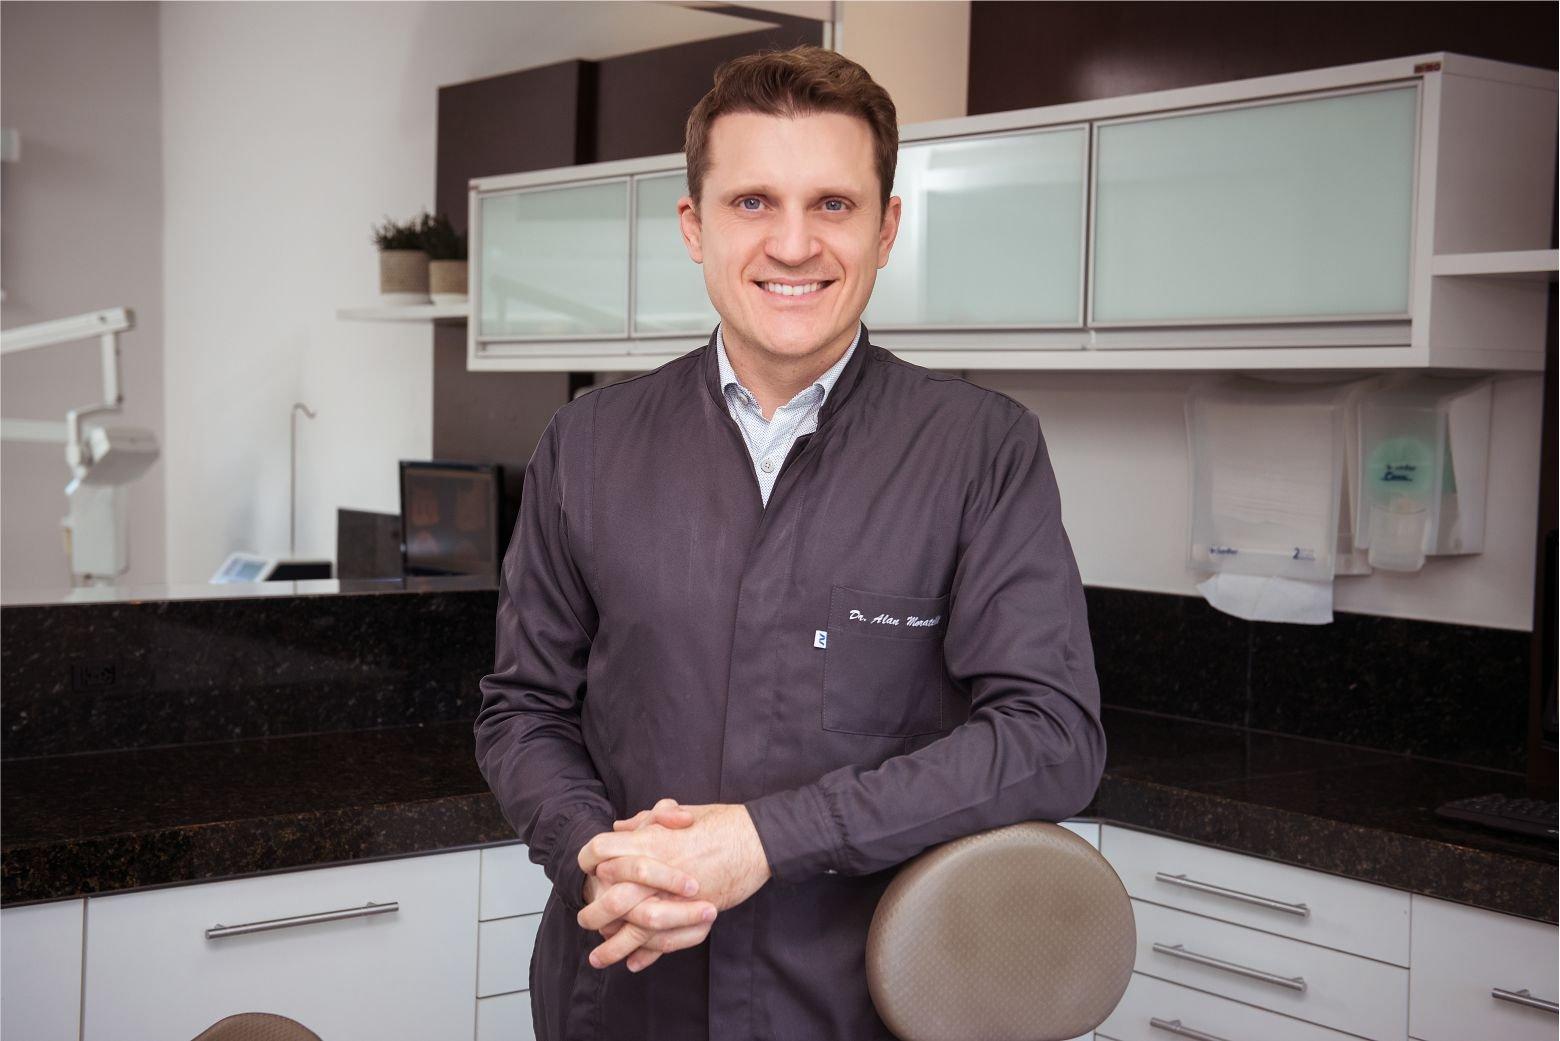 Alan Moratelli: filho de professores, o jovem empreendedor se dedicou desde cedo aos estudos